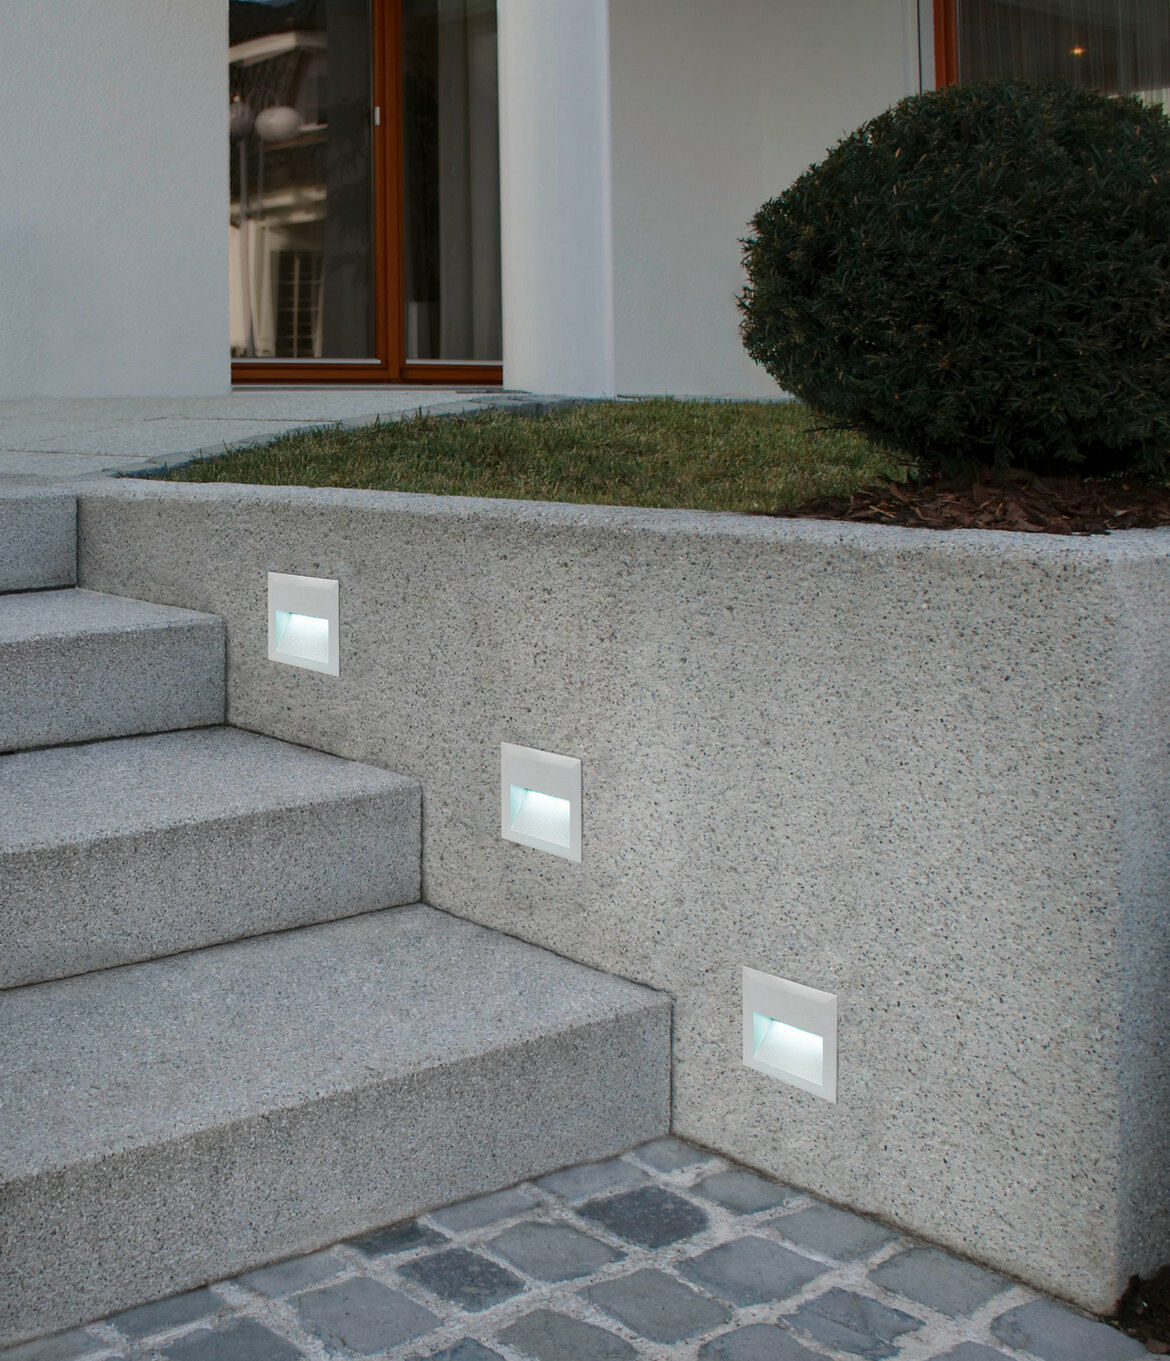 95235 EGLO LED kültéri fali süllyesztett lámpa